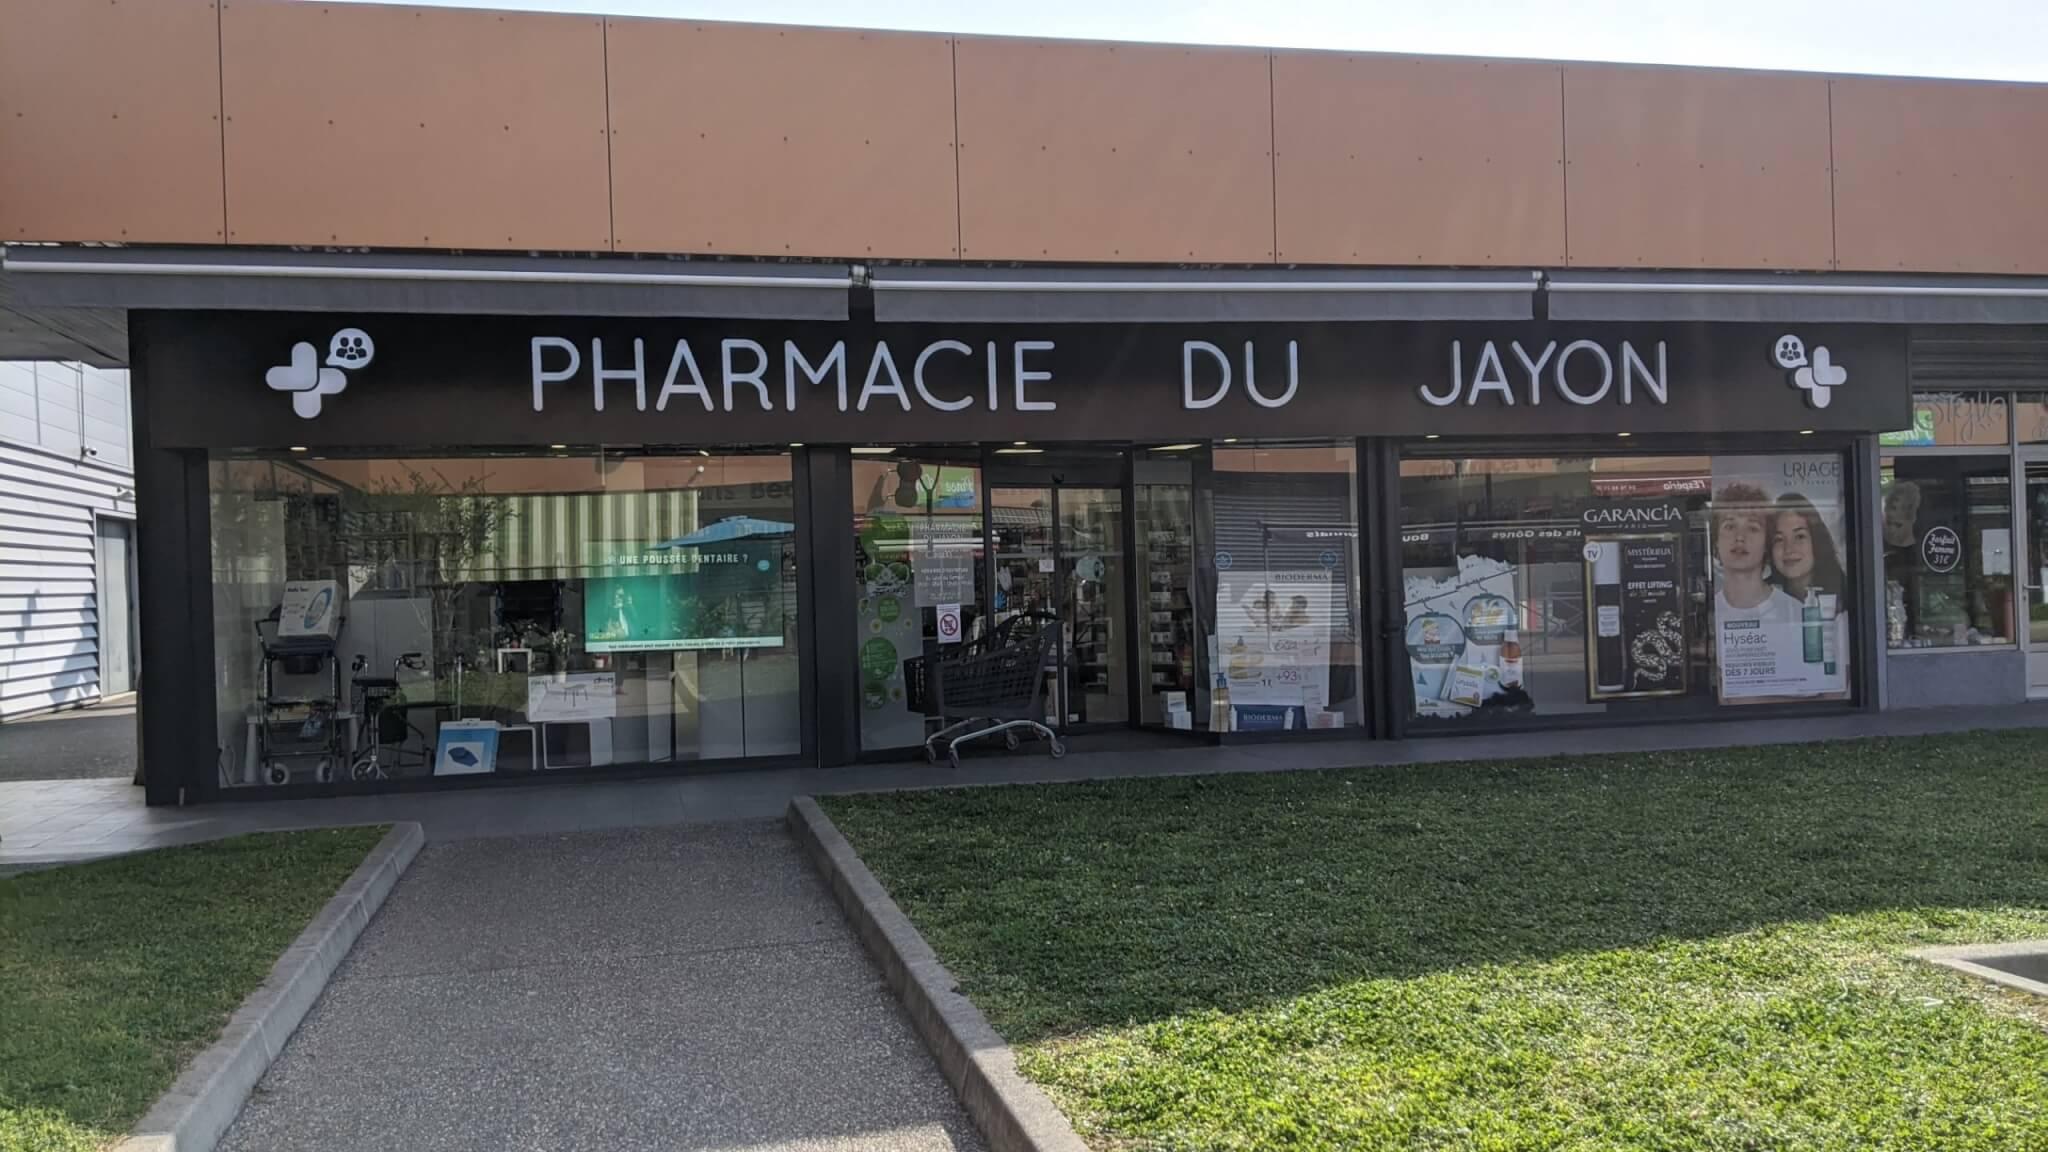 Nouvelle enseigne Pharmacie du Jayon Grigny Rhone -SES Enseigniste fabrication d'enseignes et signalétiques sur mesure